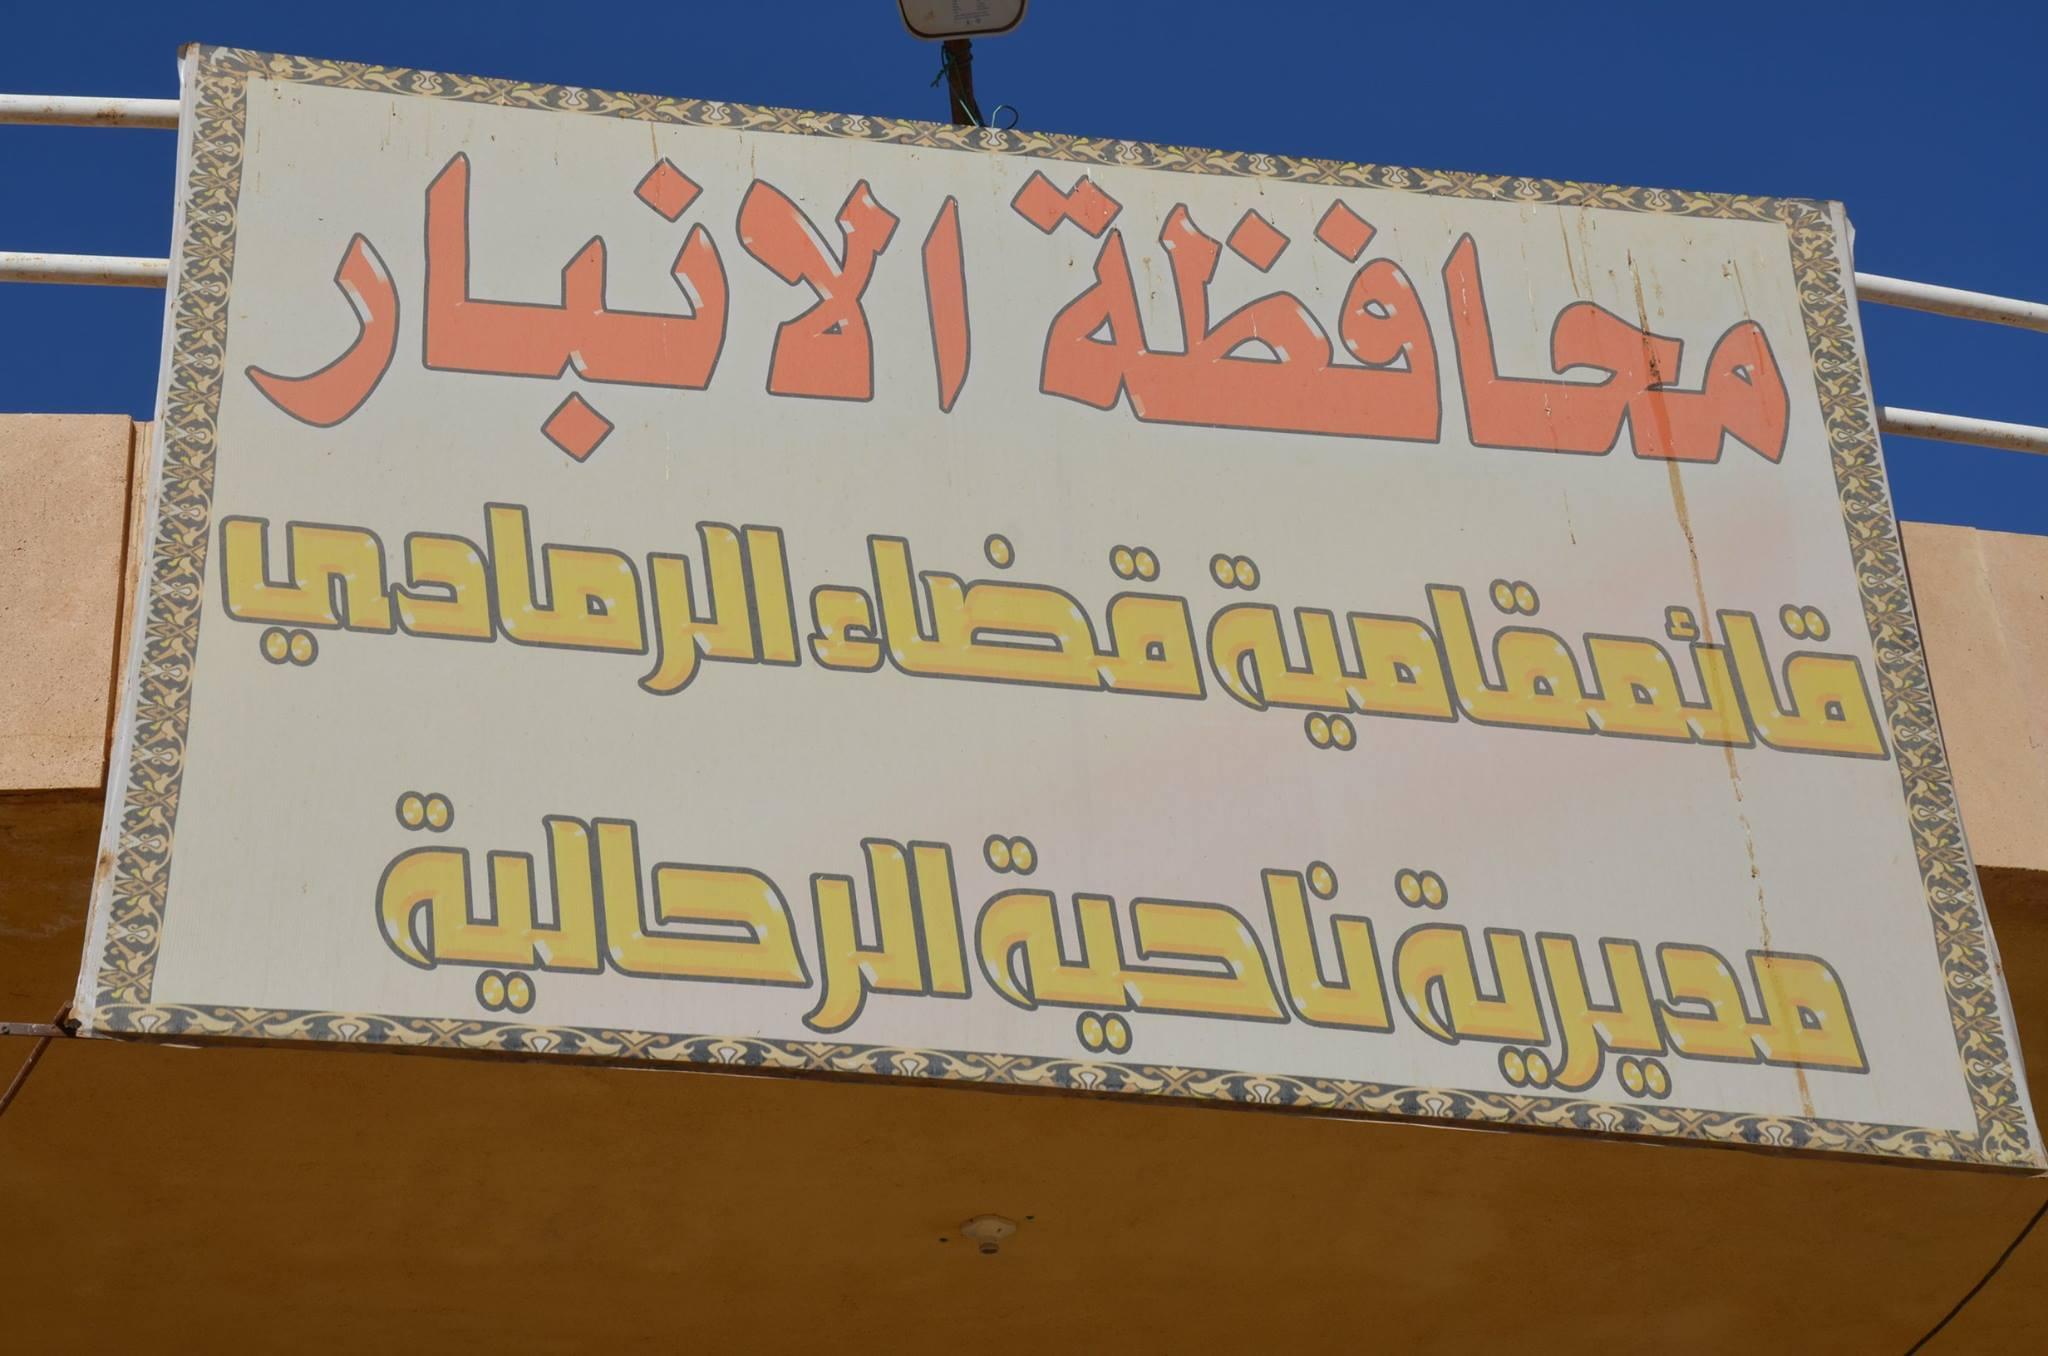 الرحالية توصي بأرسال قوات امنية للناحية وتطويع أبناء العشائر فيها